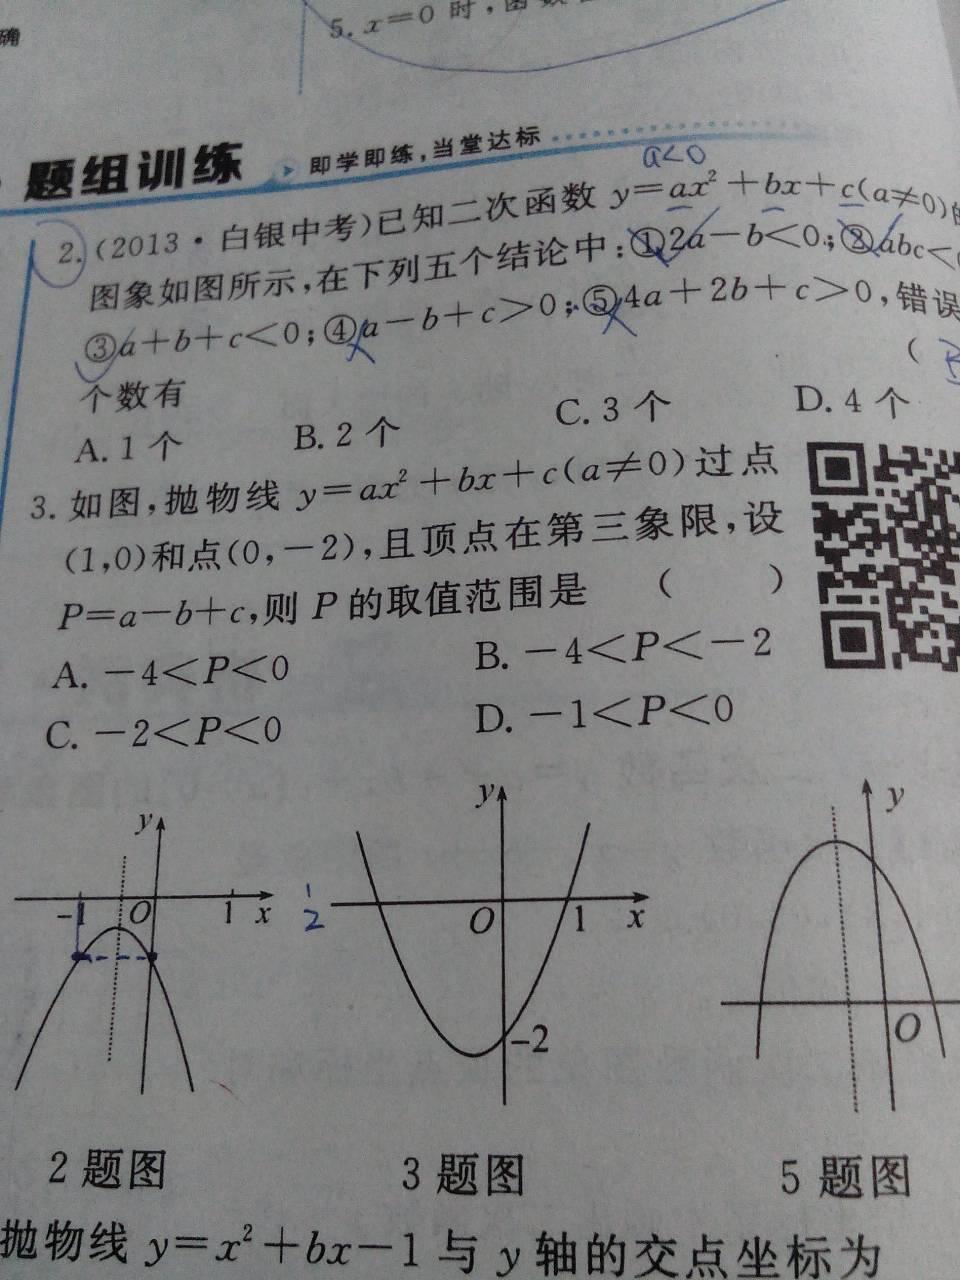 亚洲囹l,y�+�#b_已知二次函数y=x05+ax+b-3,x∈r的图像恒过点(2,0)则a05+b05的